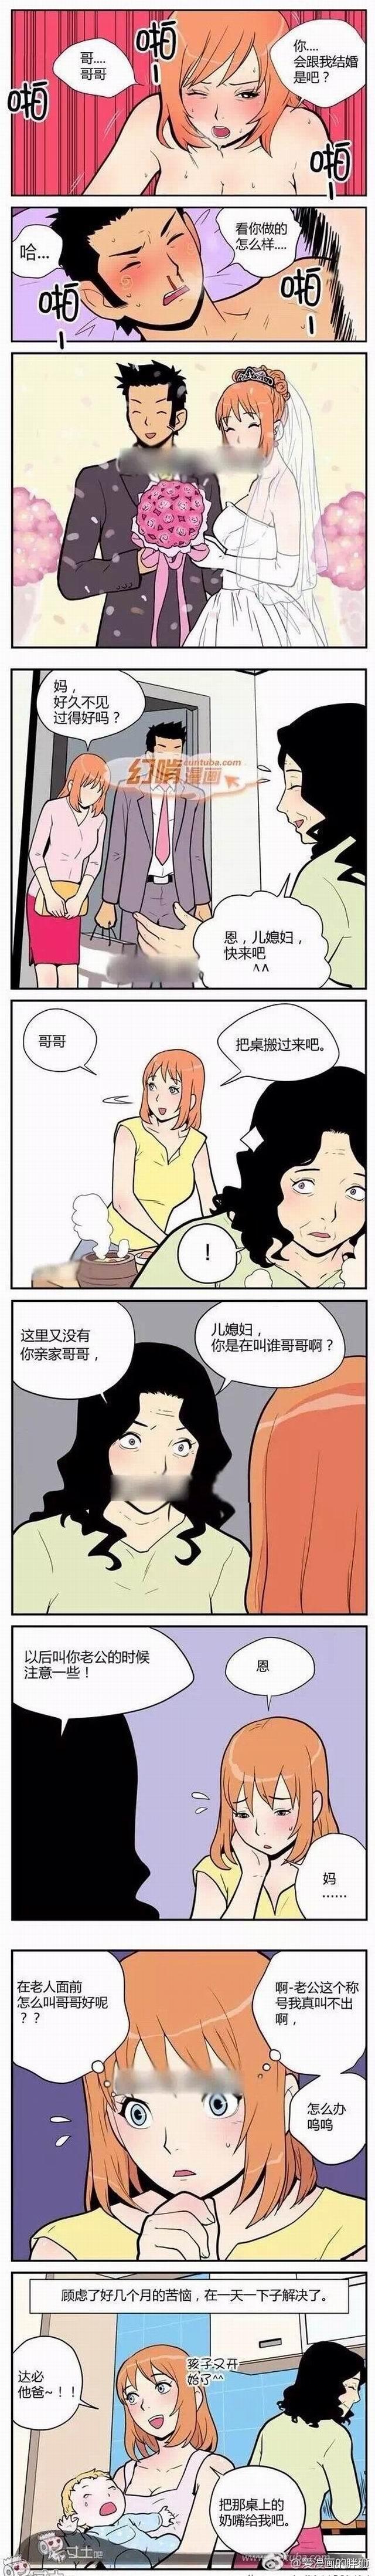 内涵漫画|熊玩具 只给你一个人的礼物 称号 深夜 h漫画 图4